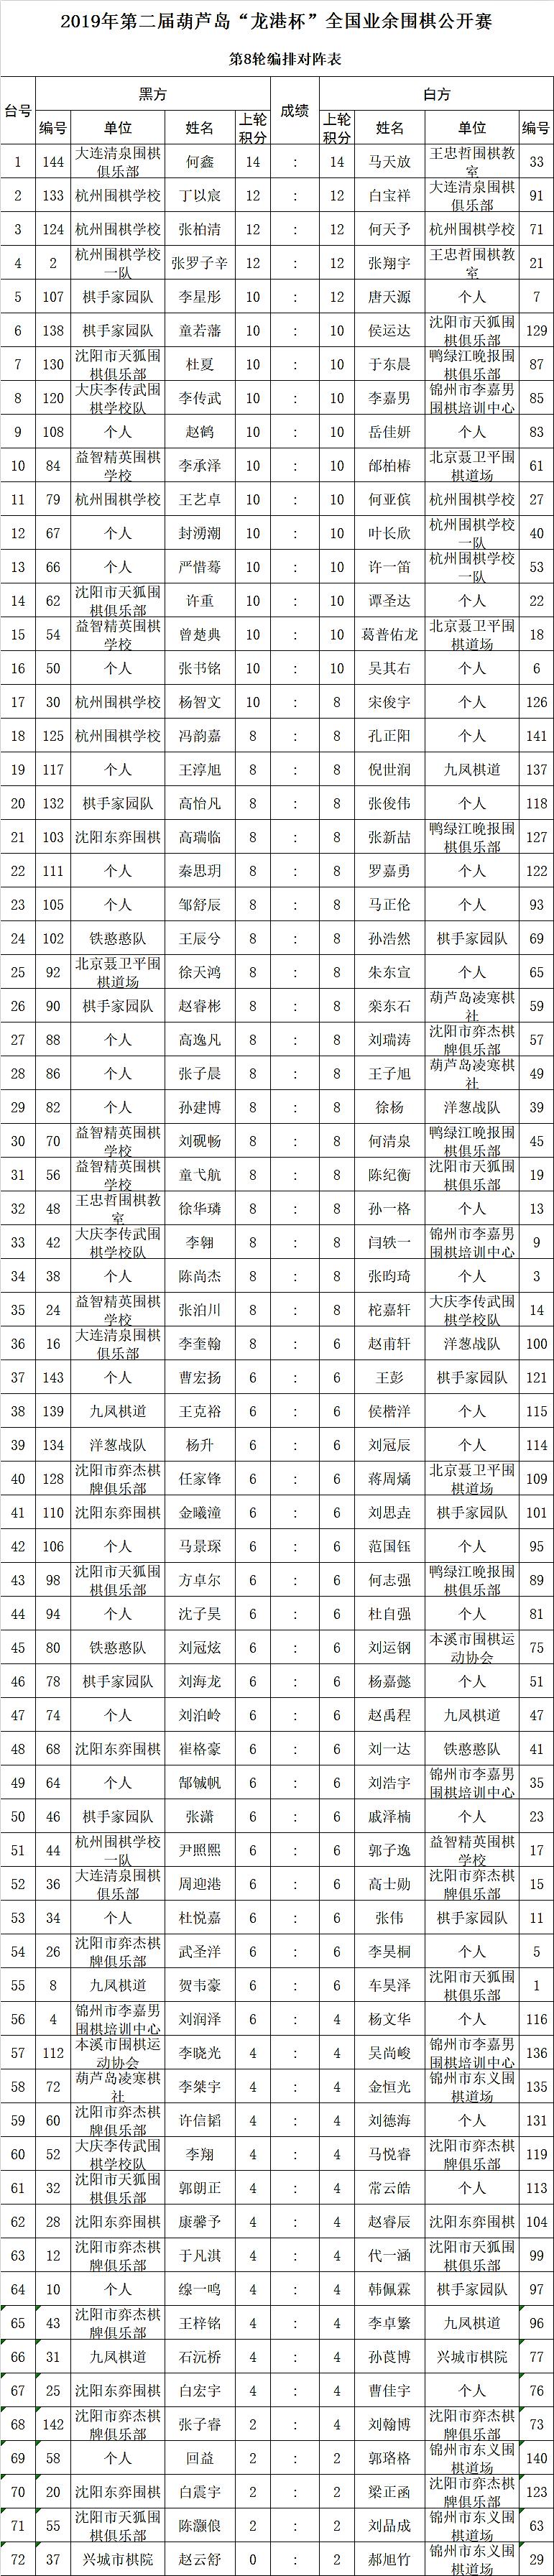 龙港杯第八轮.png